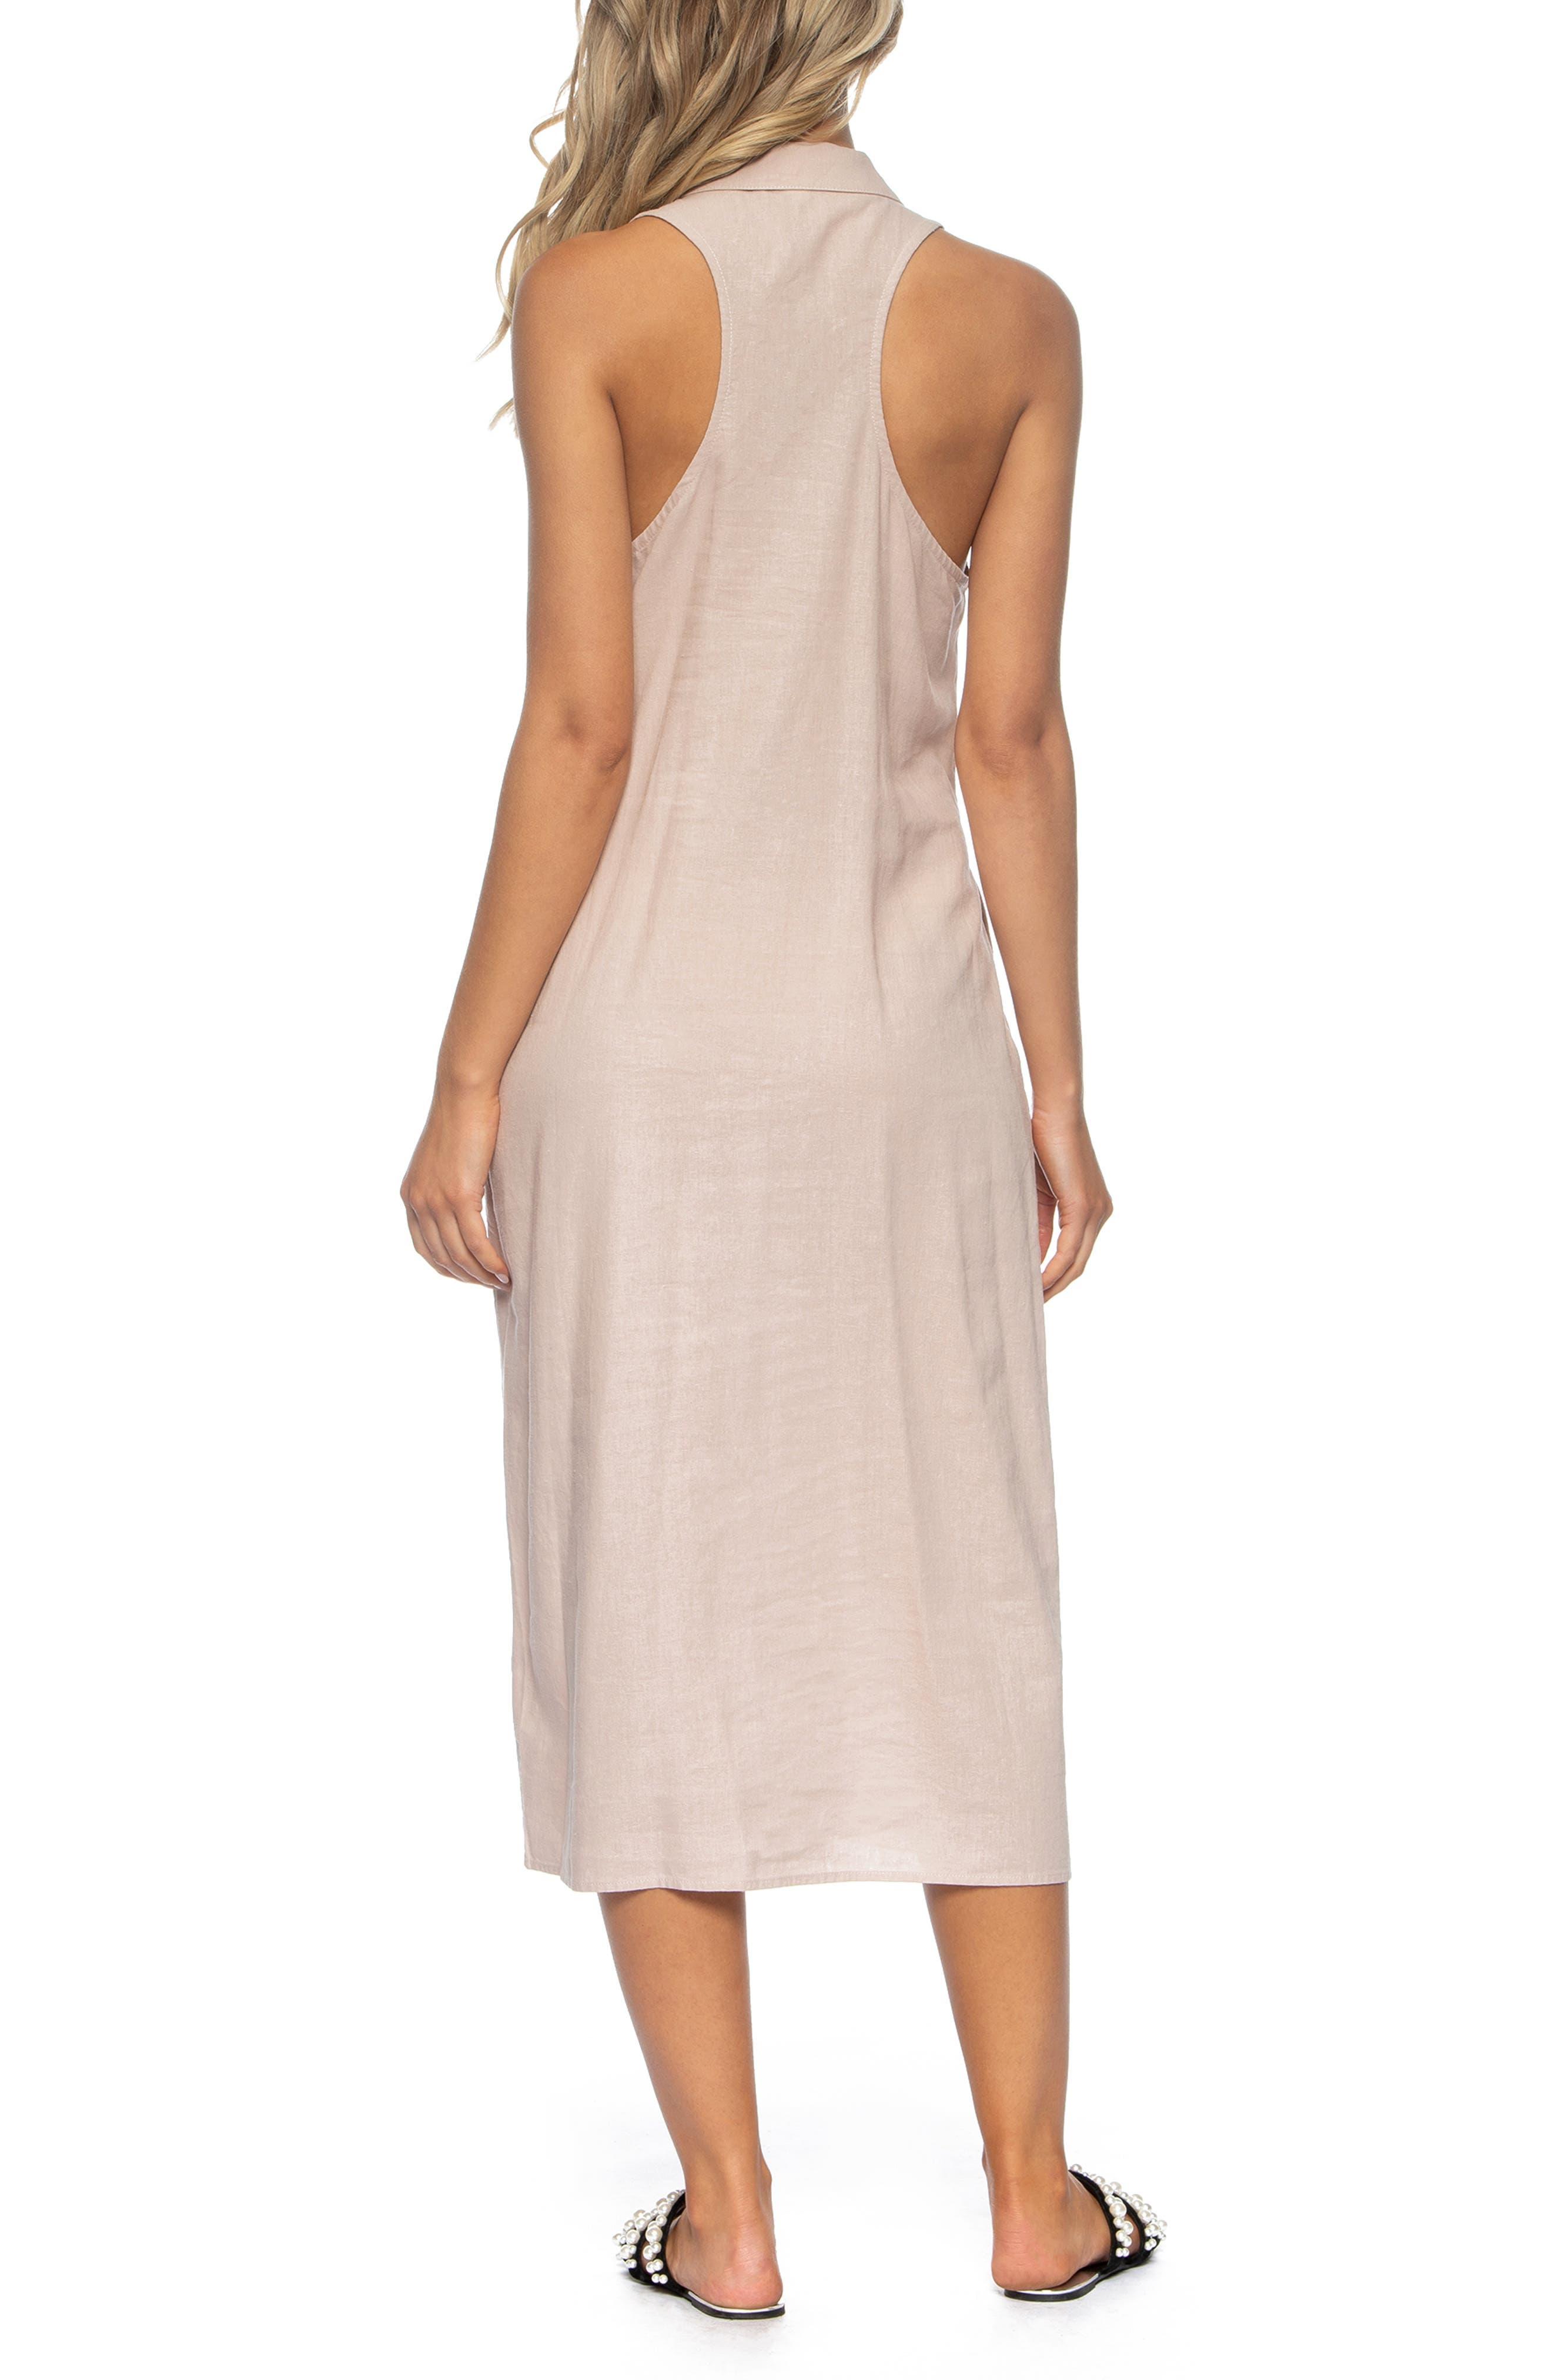 TAVIK, Maggie Cover-Up Midi Dress, Alternate thumbnail 2, color, SEASHELL